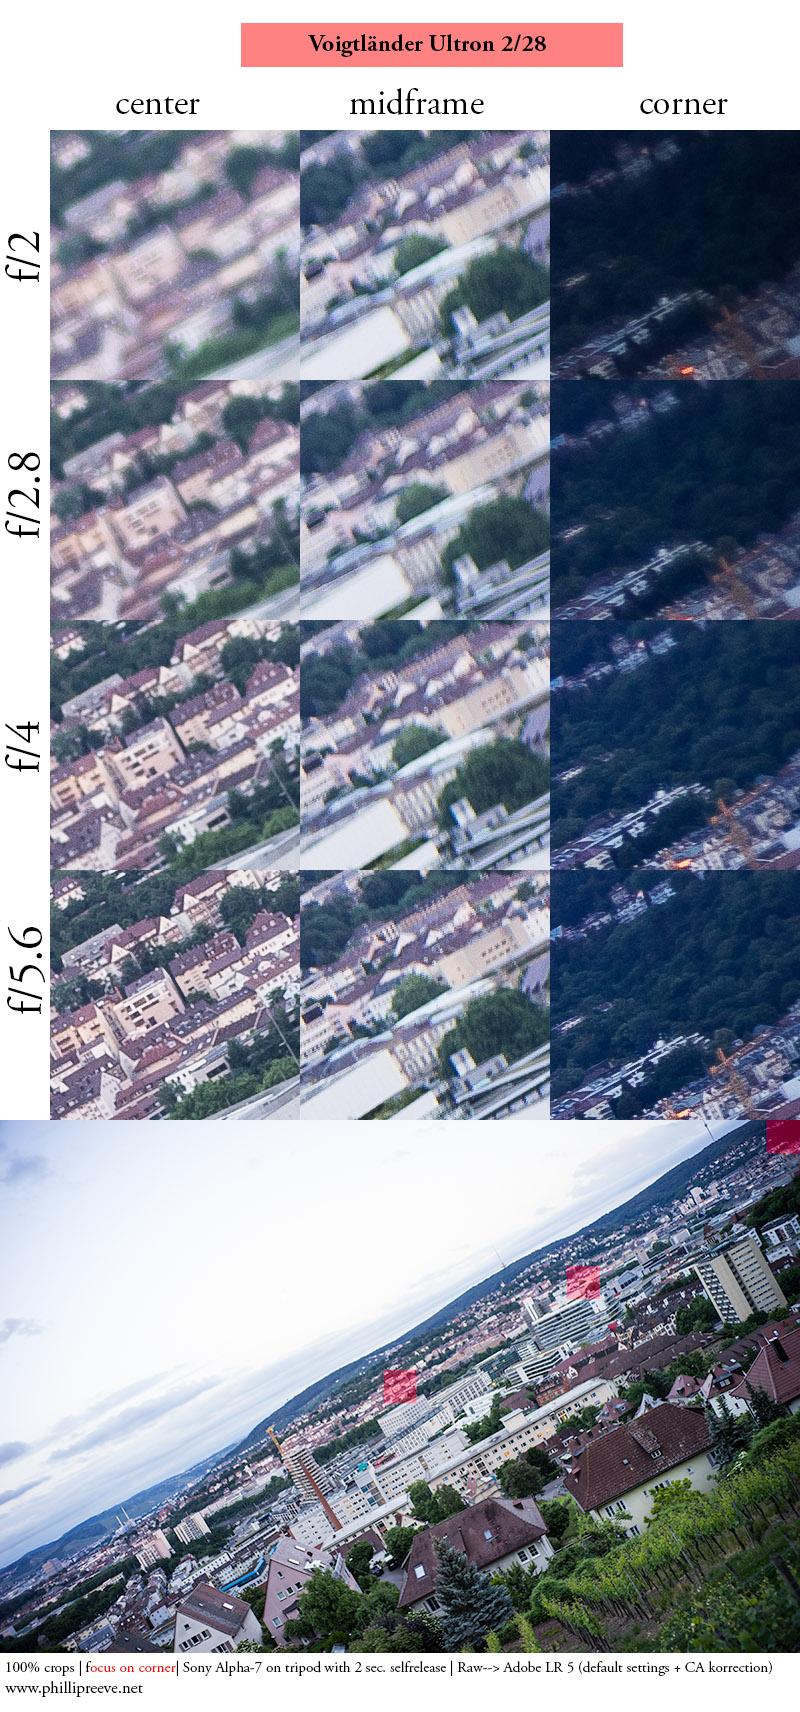 ultron 28mm 2.0 sharpenss schärfe